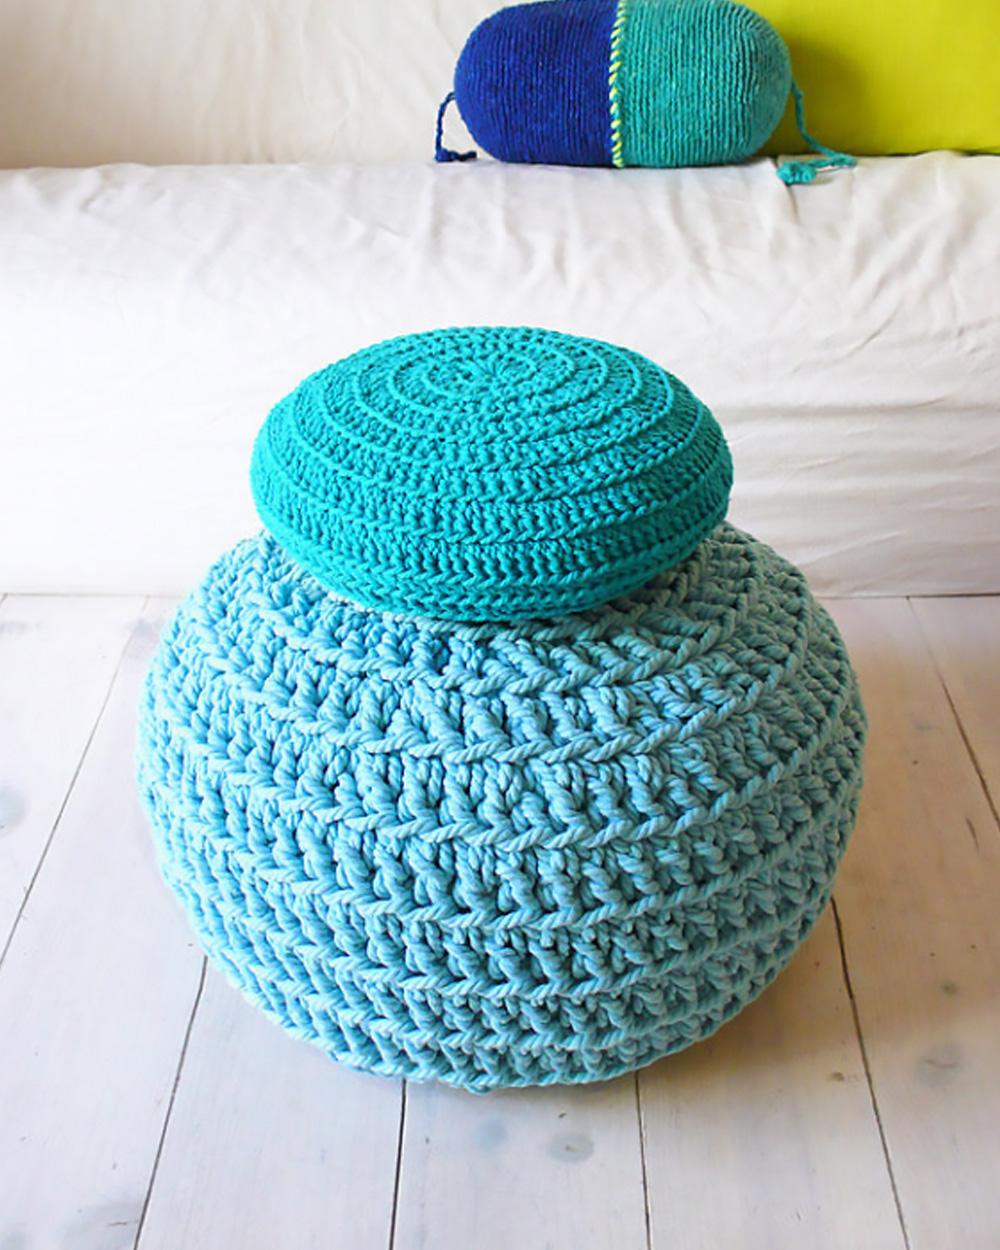 coussin sol crochet bleu